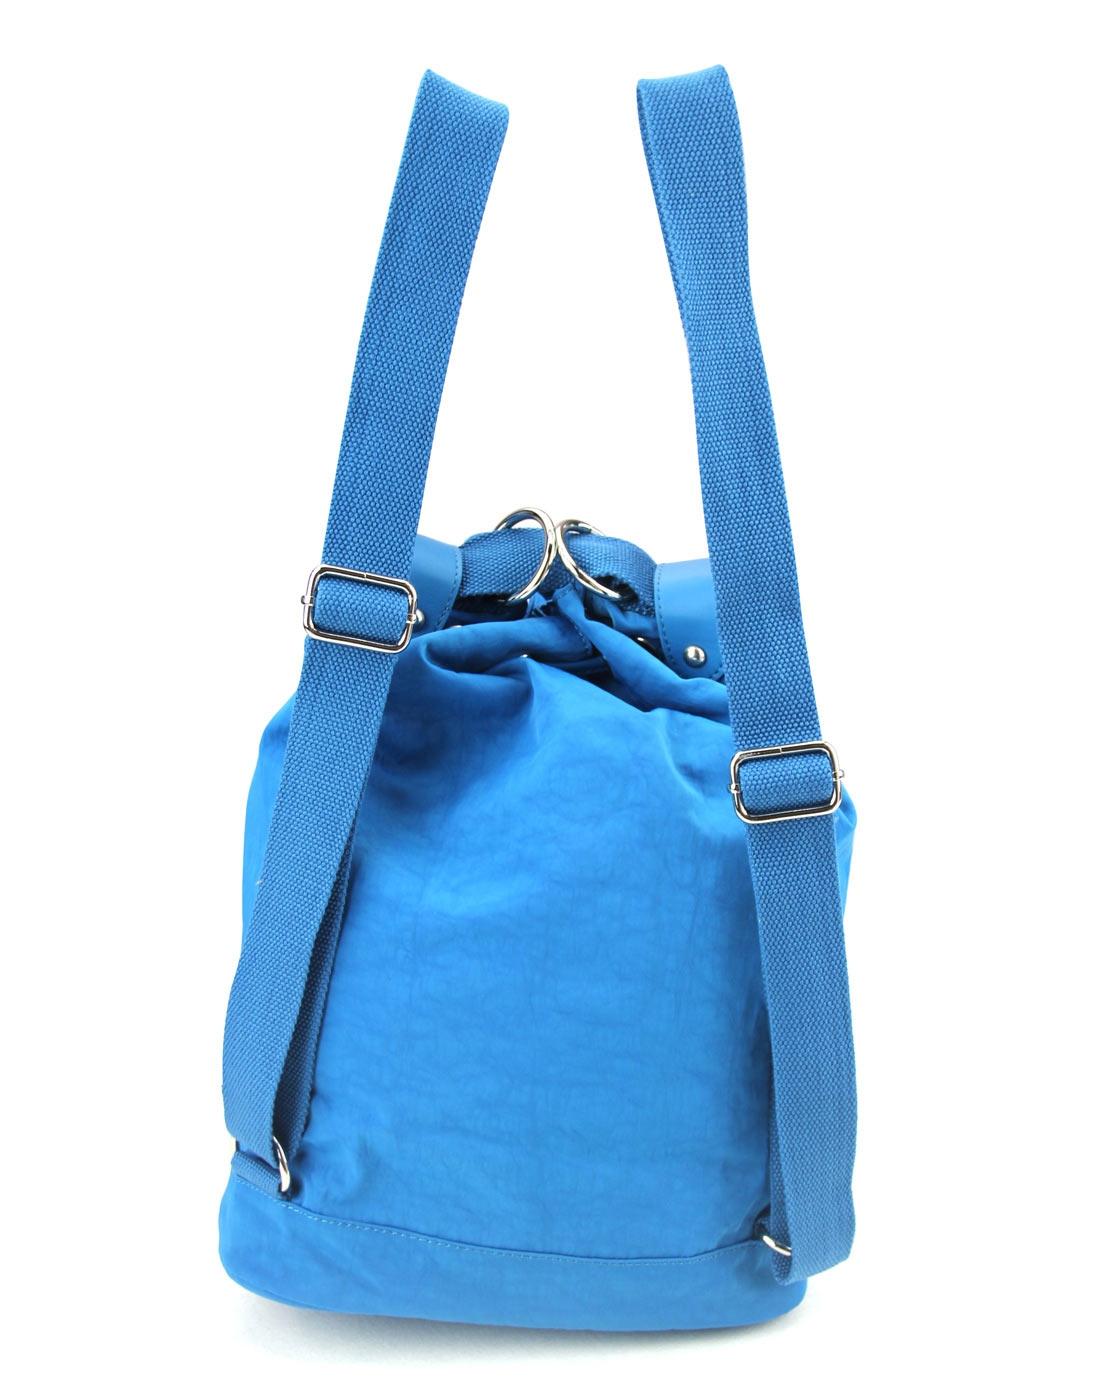 威尔逊werwilson女款湖水蓝纯色大号圆桶包v22086-010